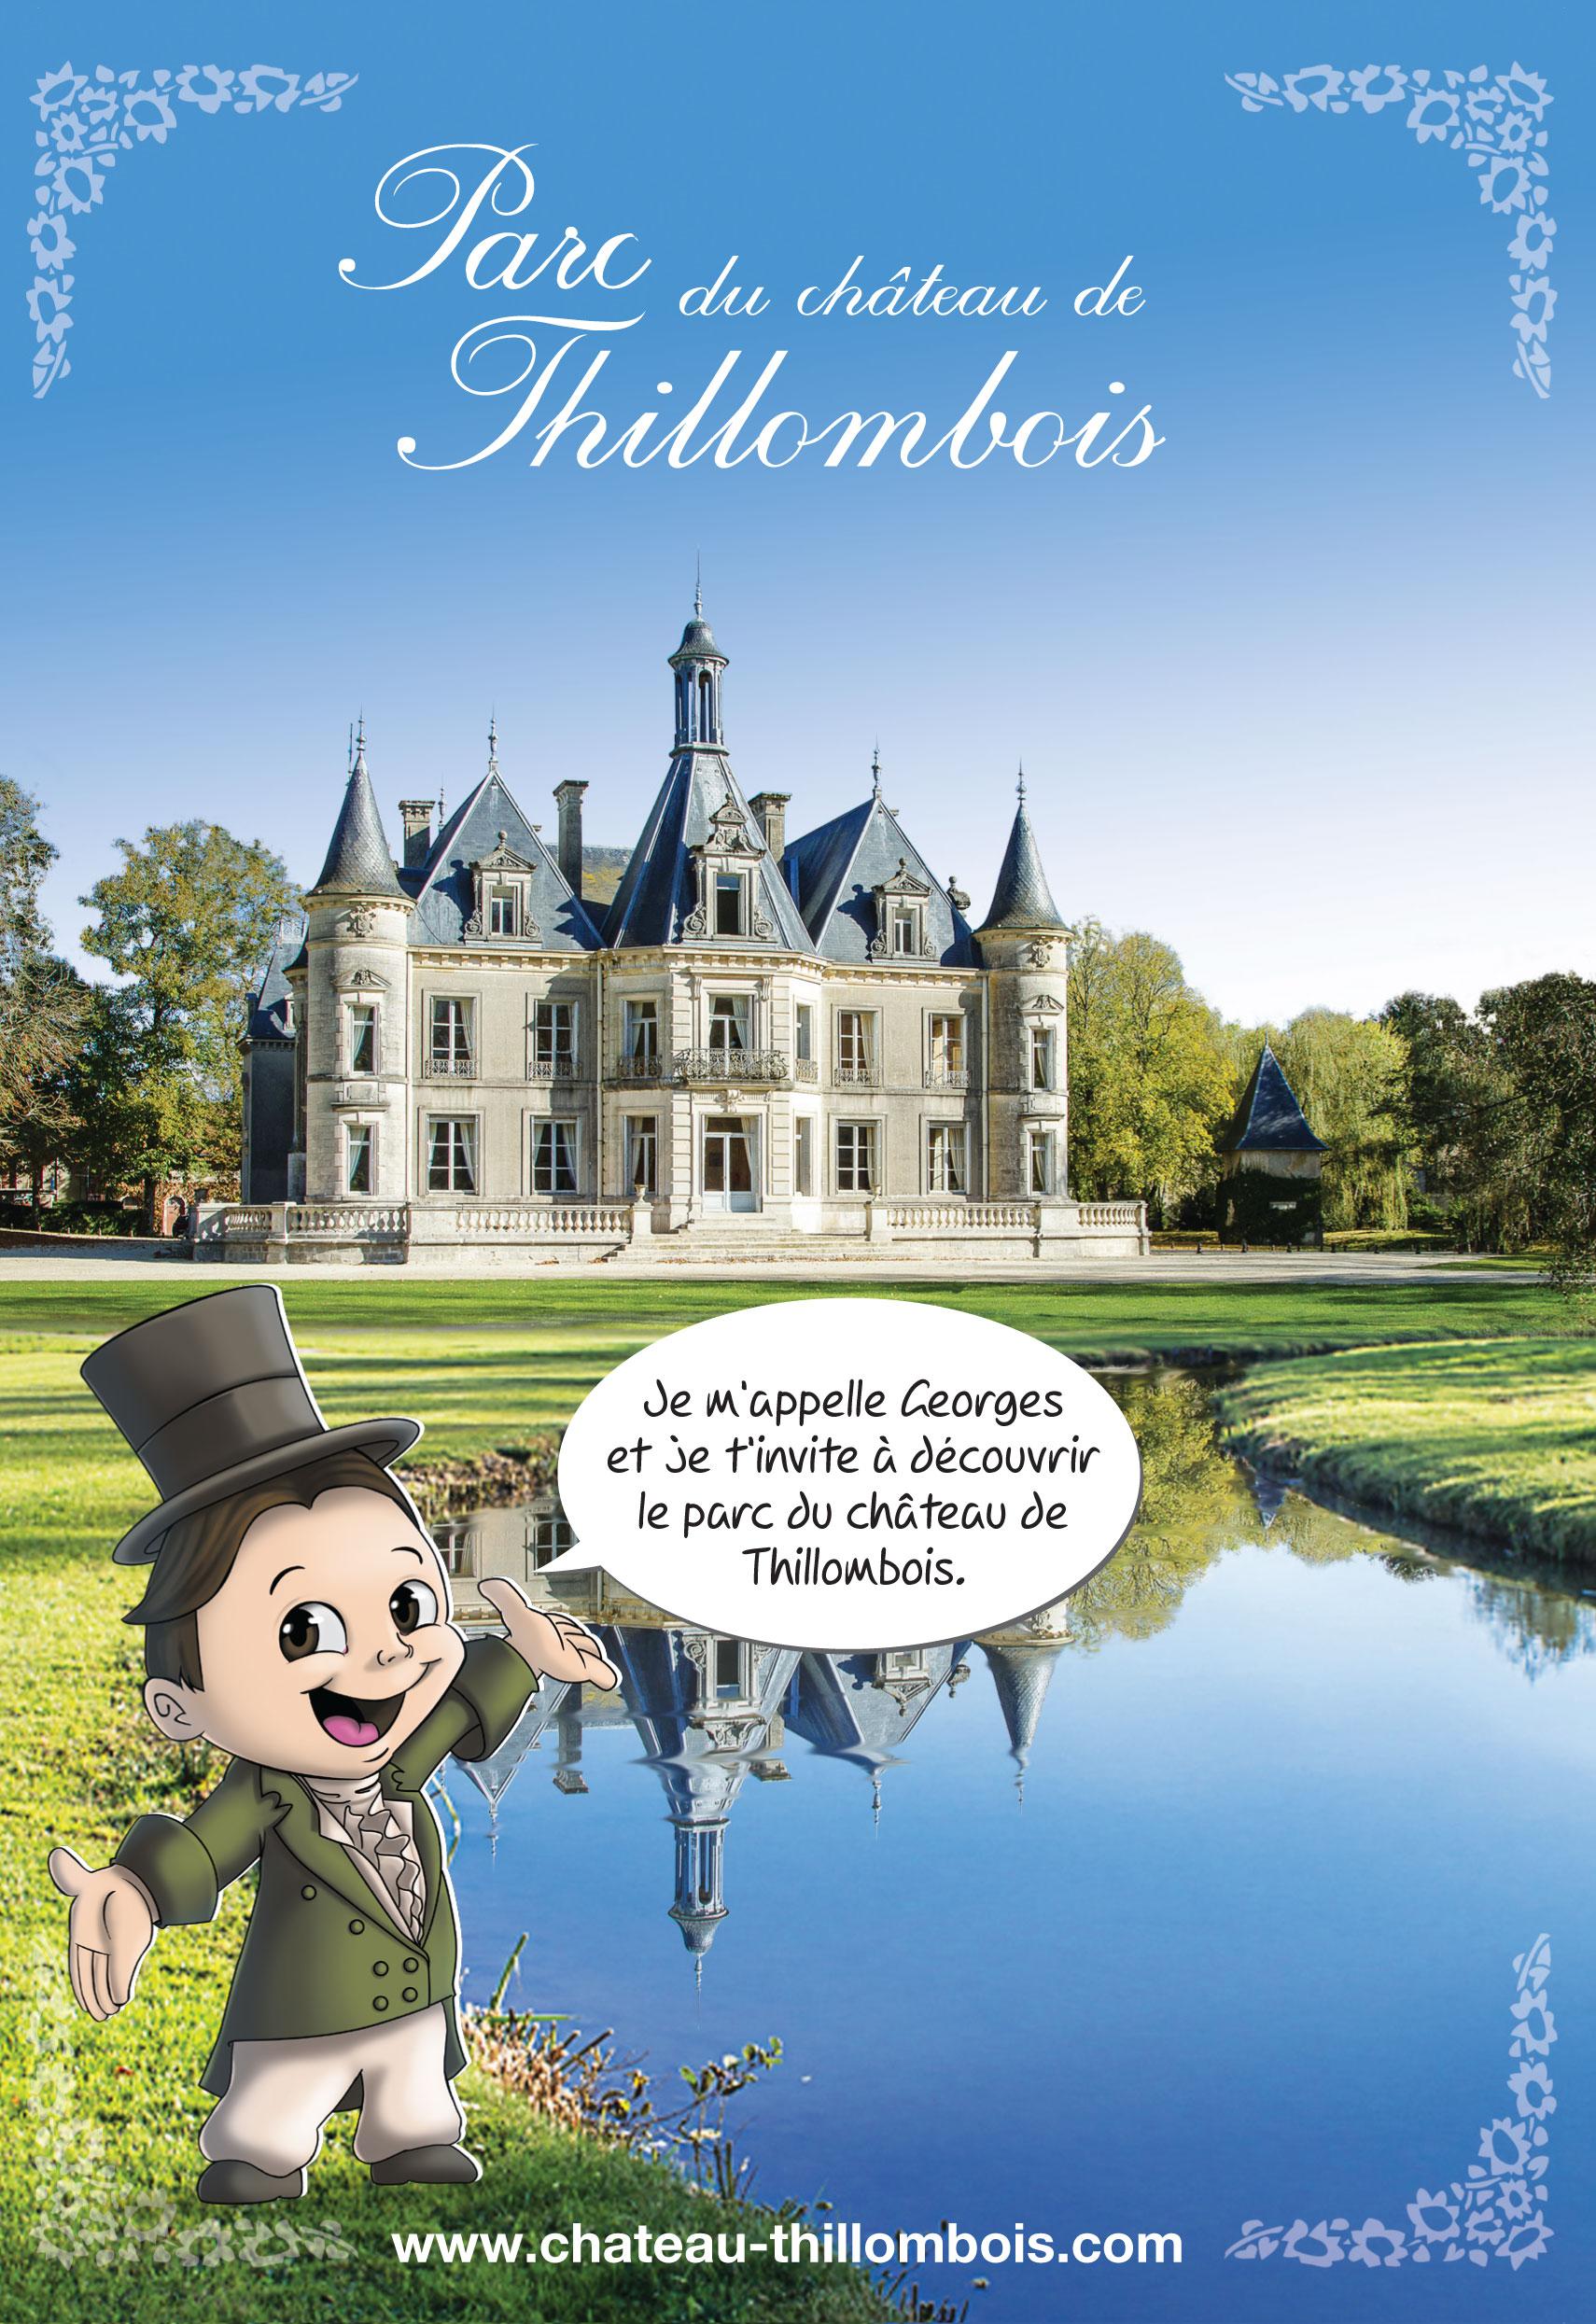 Parcours ludique parc château Thillombois